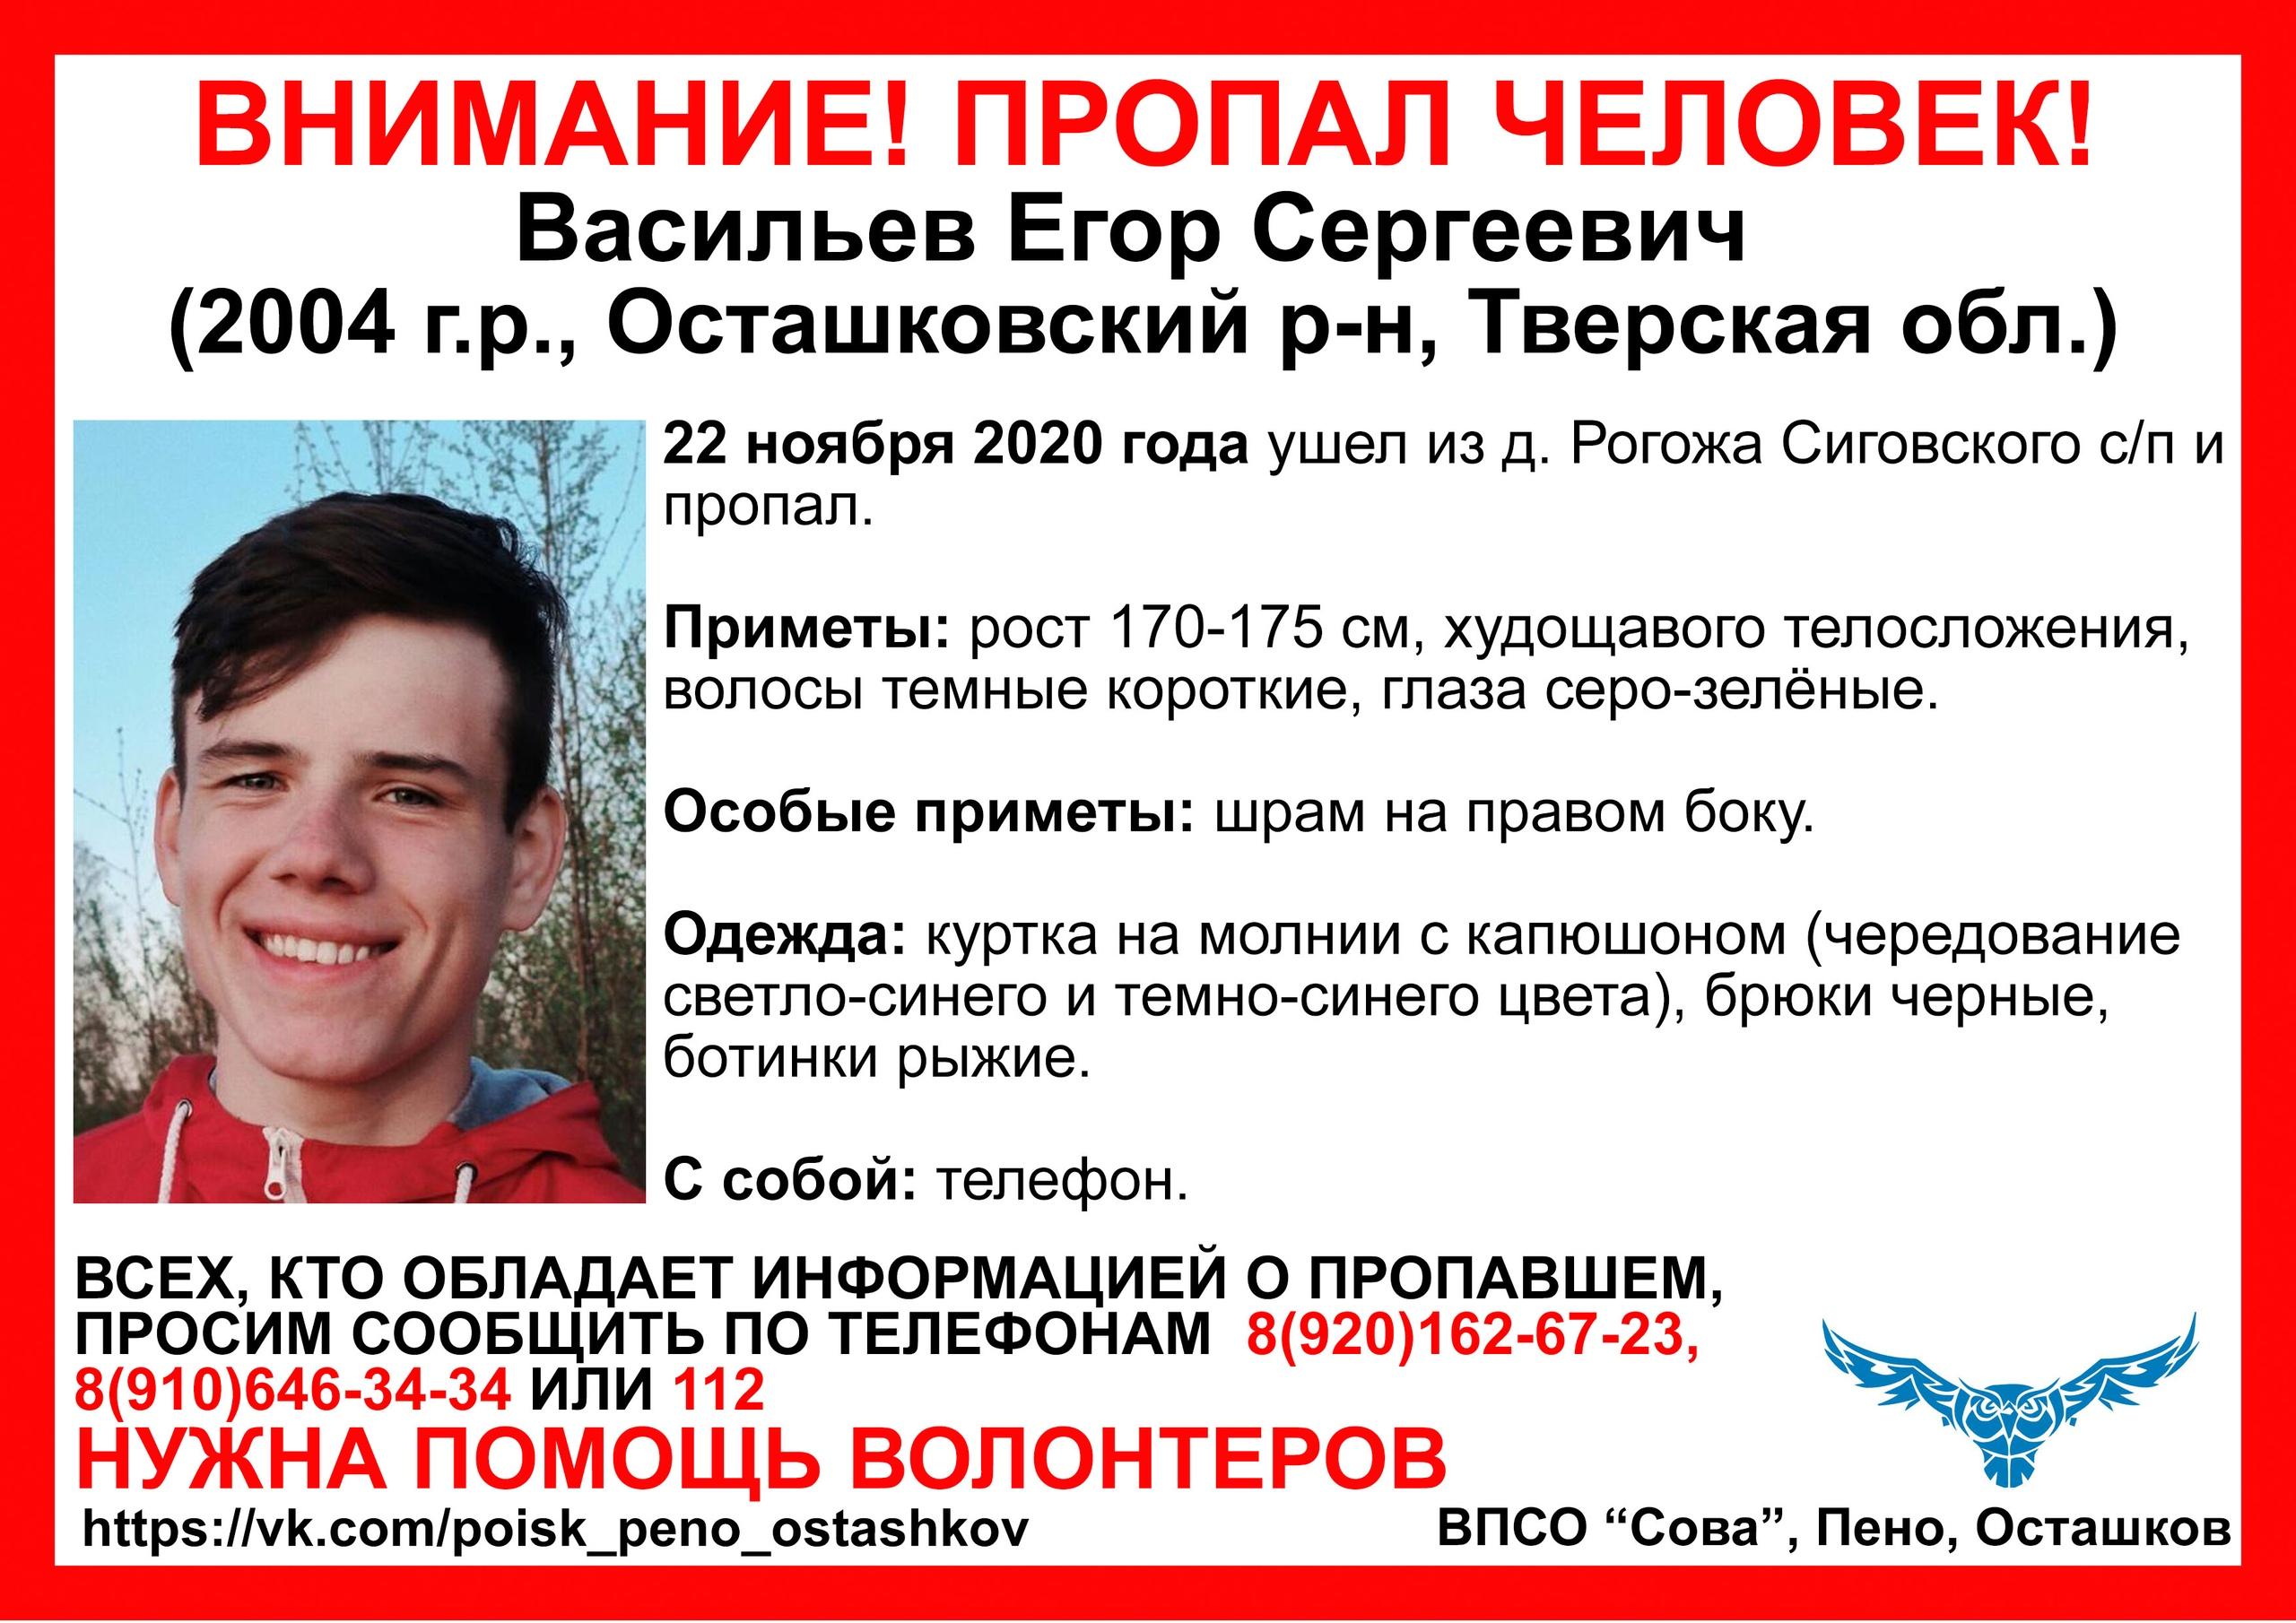 В Тверской области уже 4 месяца ищут пропавшего 17-летнего парня